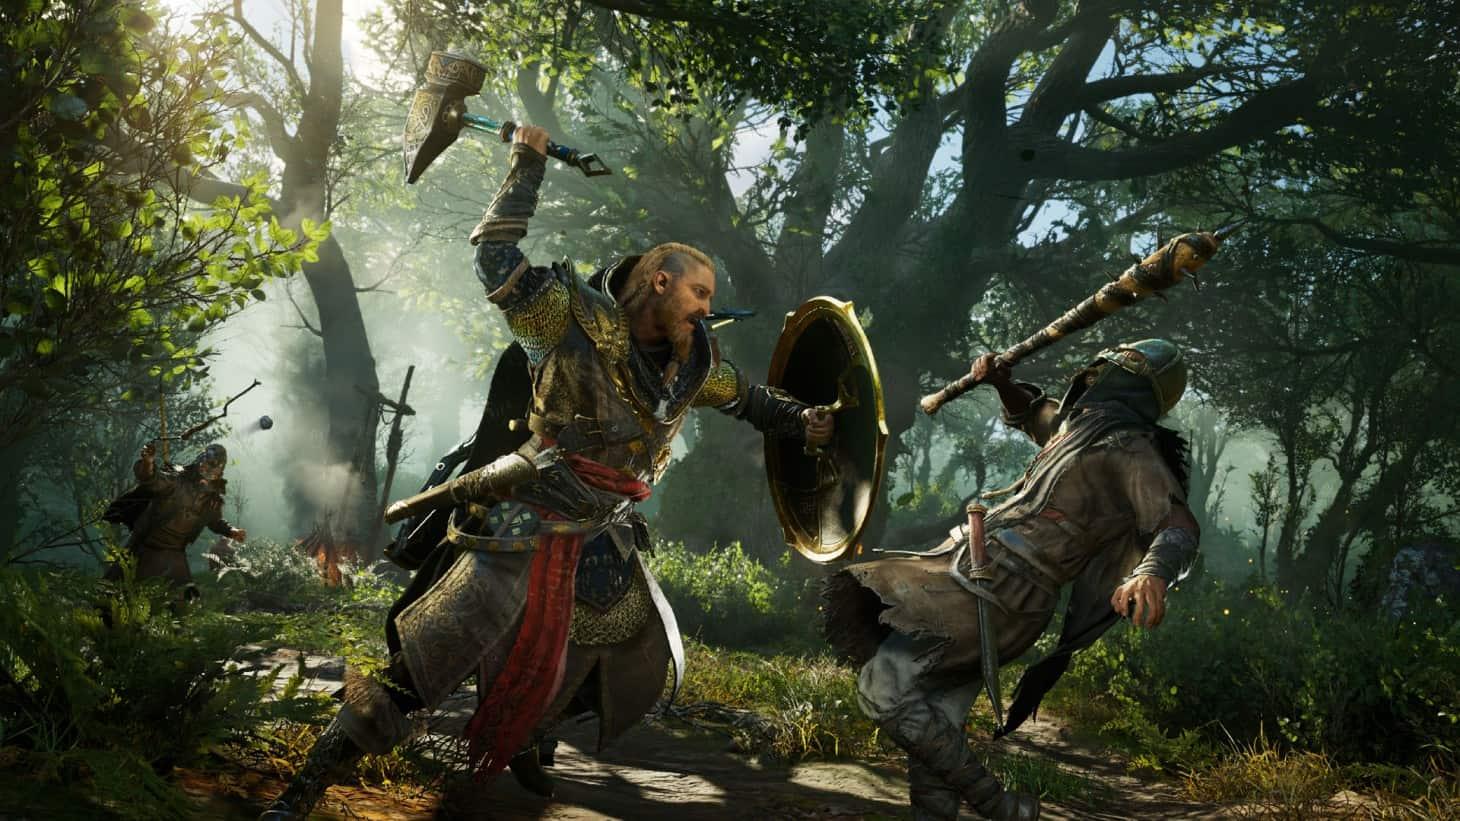 Assassin's Creed Valhalla recibirá una nueva actualización y confirma la fecha de lanzamiento del nuevo DLC 2